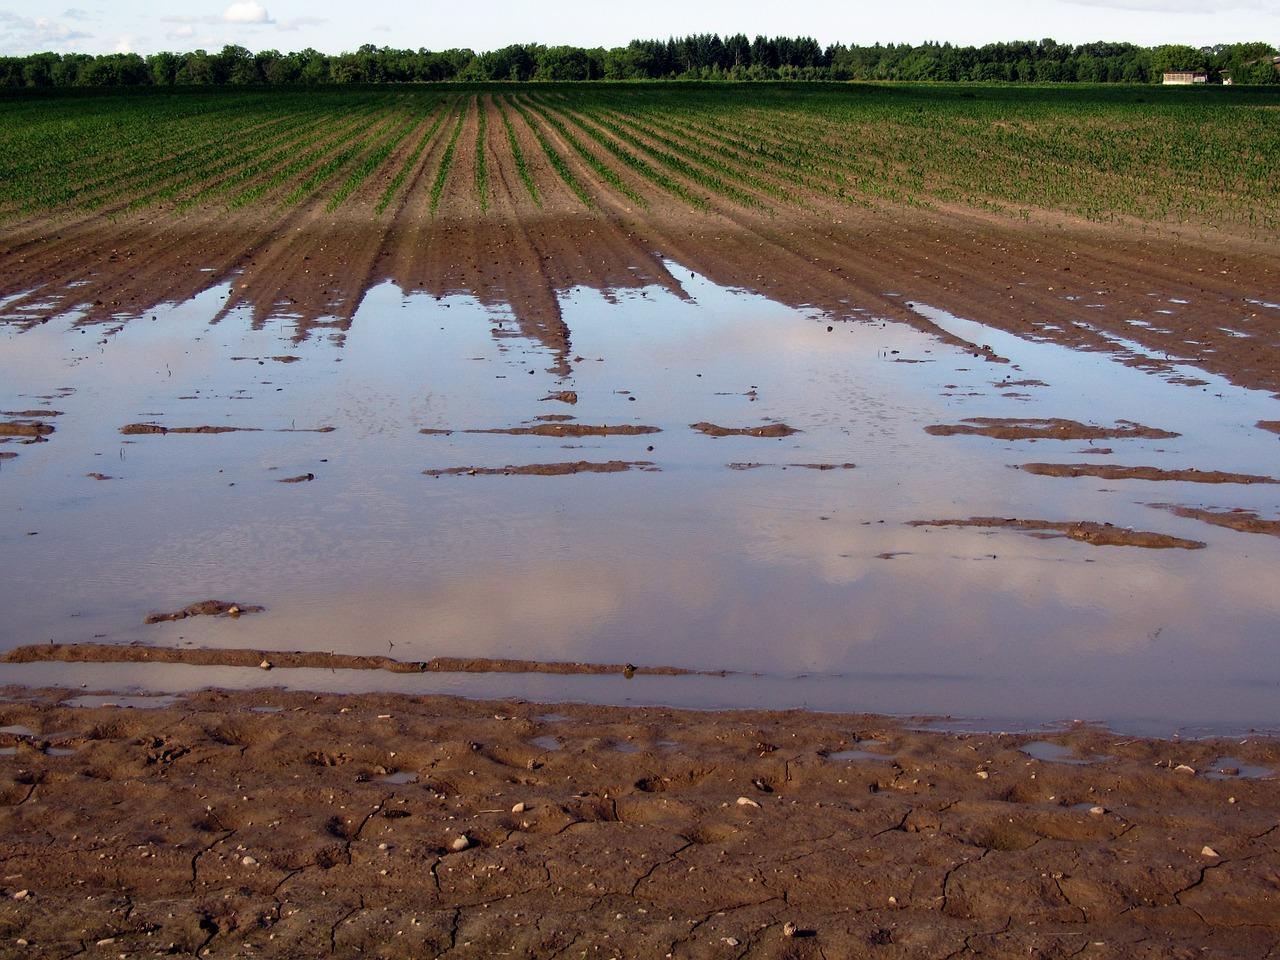 Los pequeños agricultores solicitan ayudas a la Junta de Andalucía por los daños del temporal de lluvias y granizo